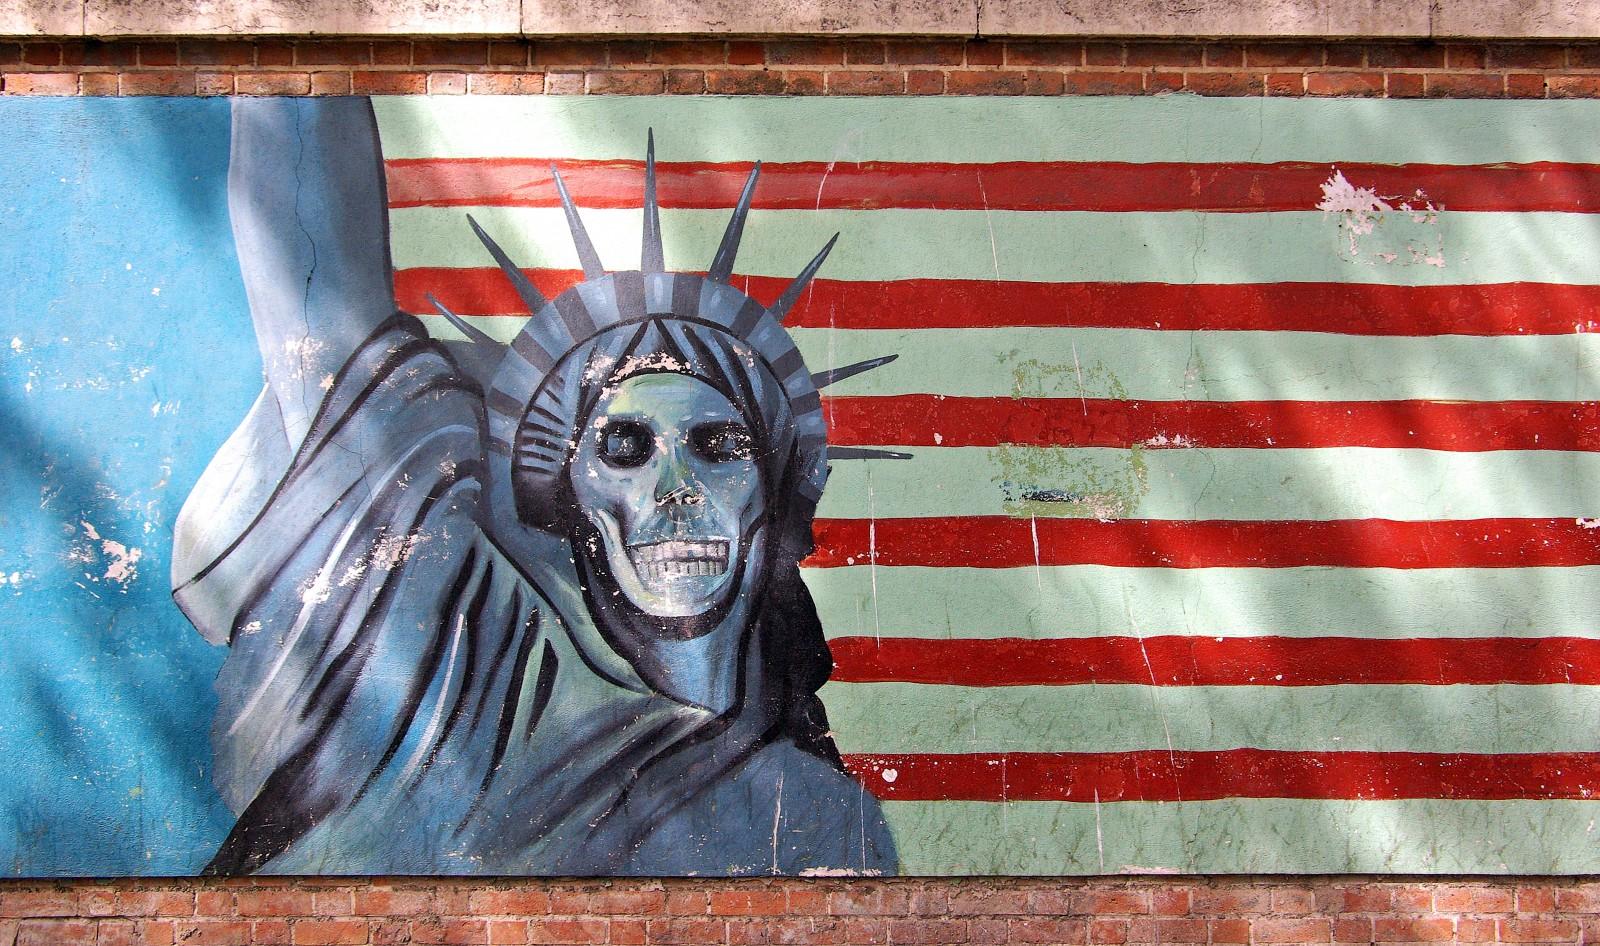 teheran_us_embassy_propaganda_statue_of_liberty